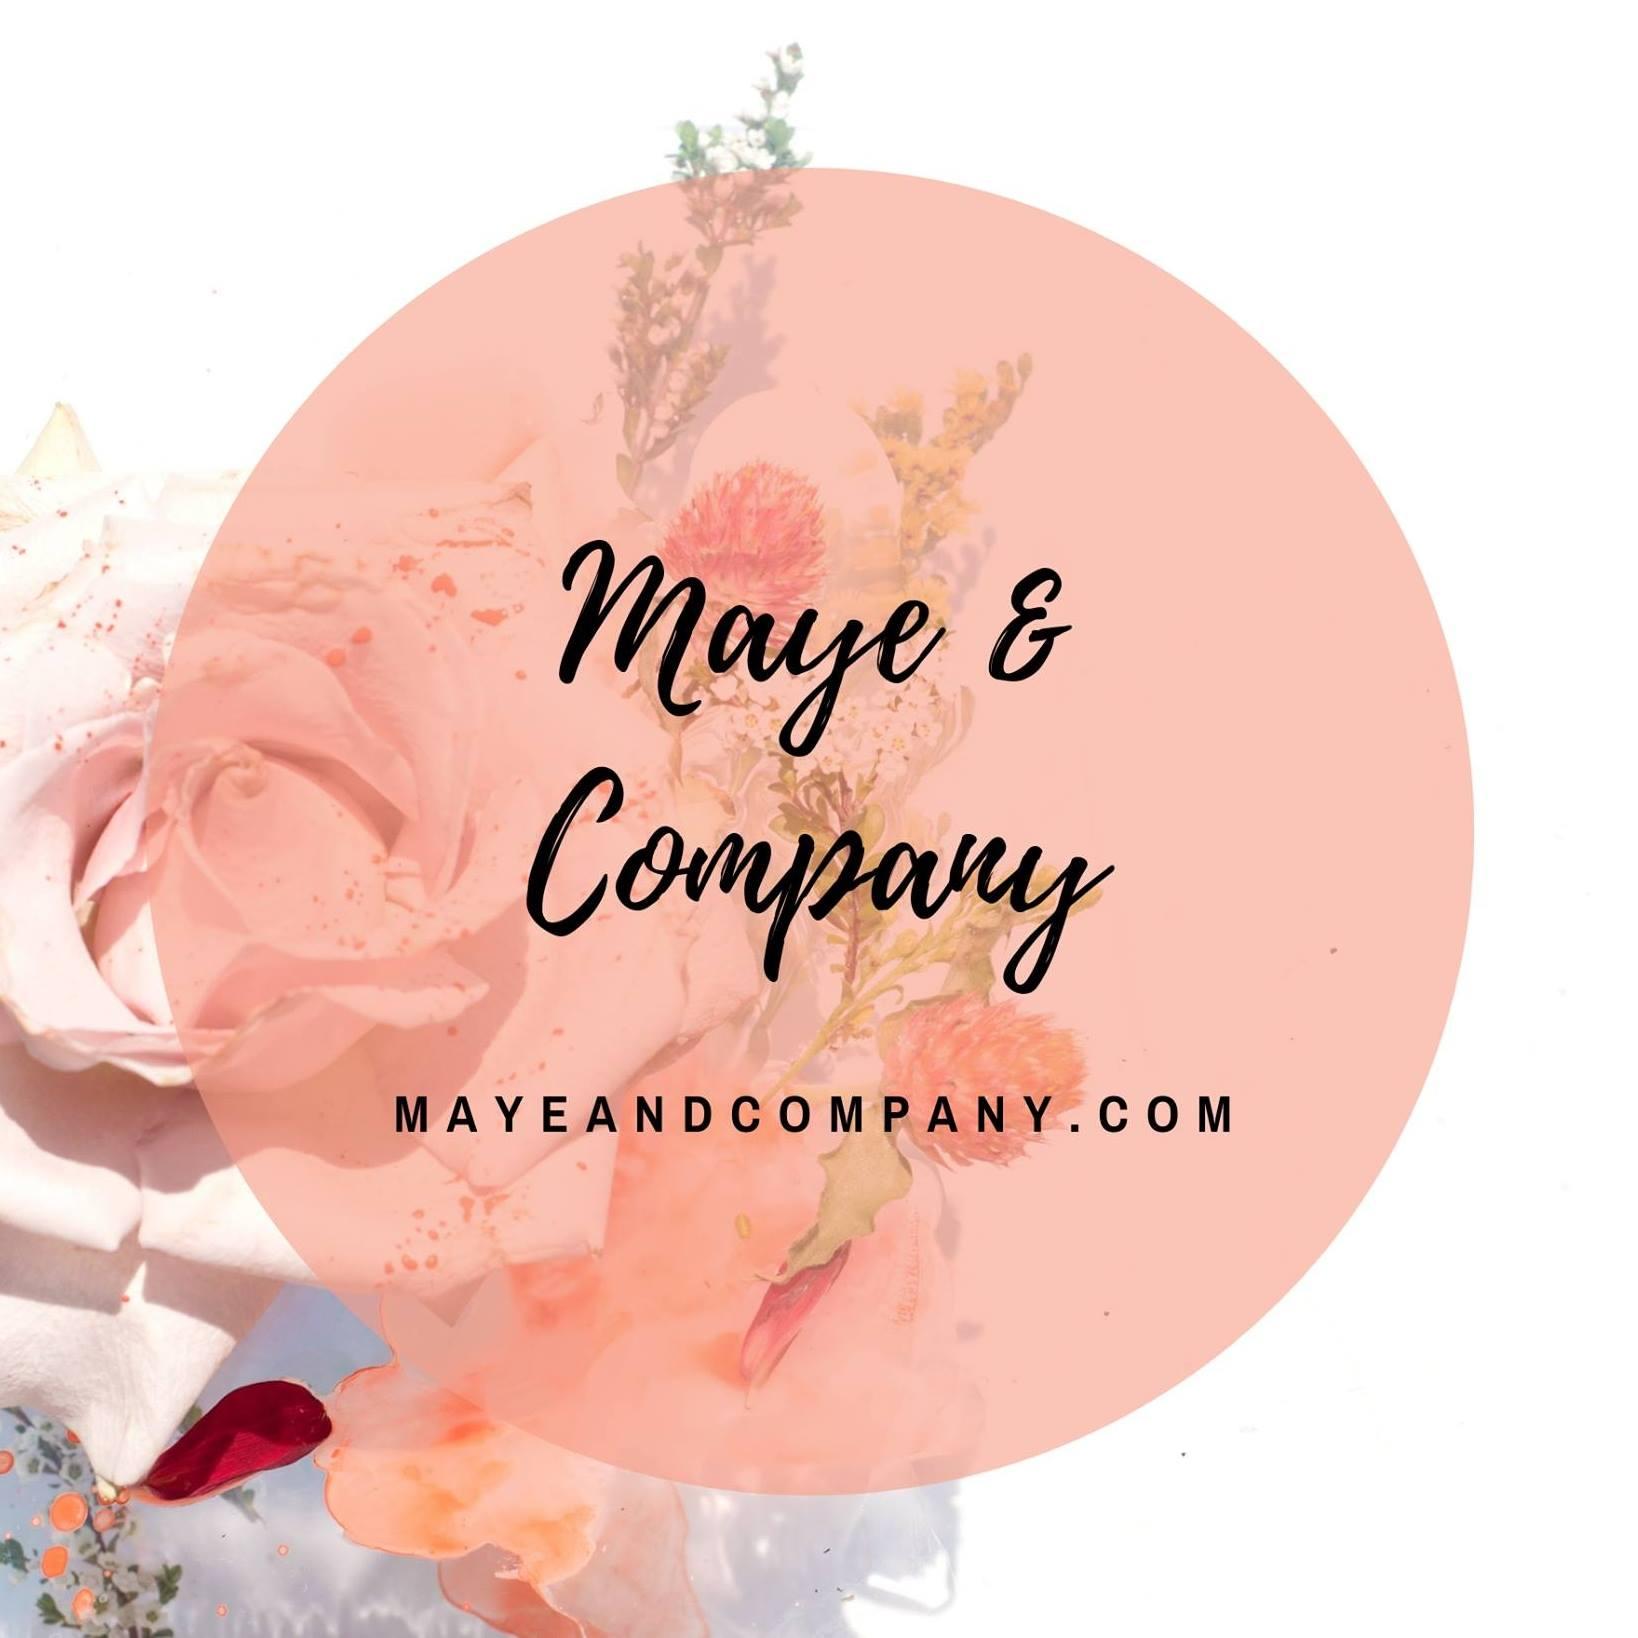 Maye & Company